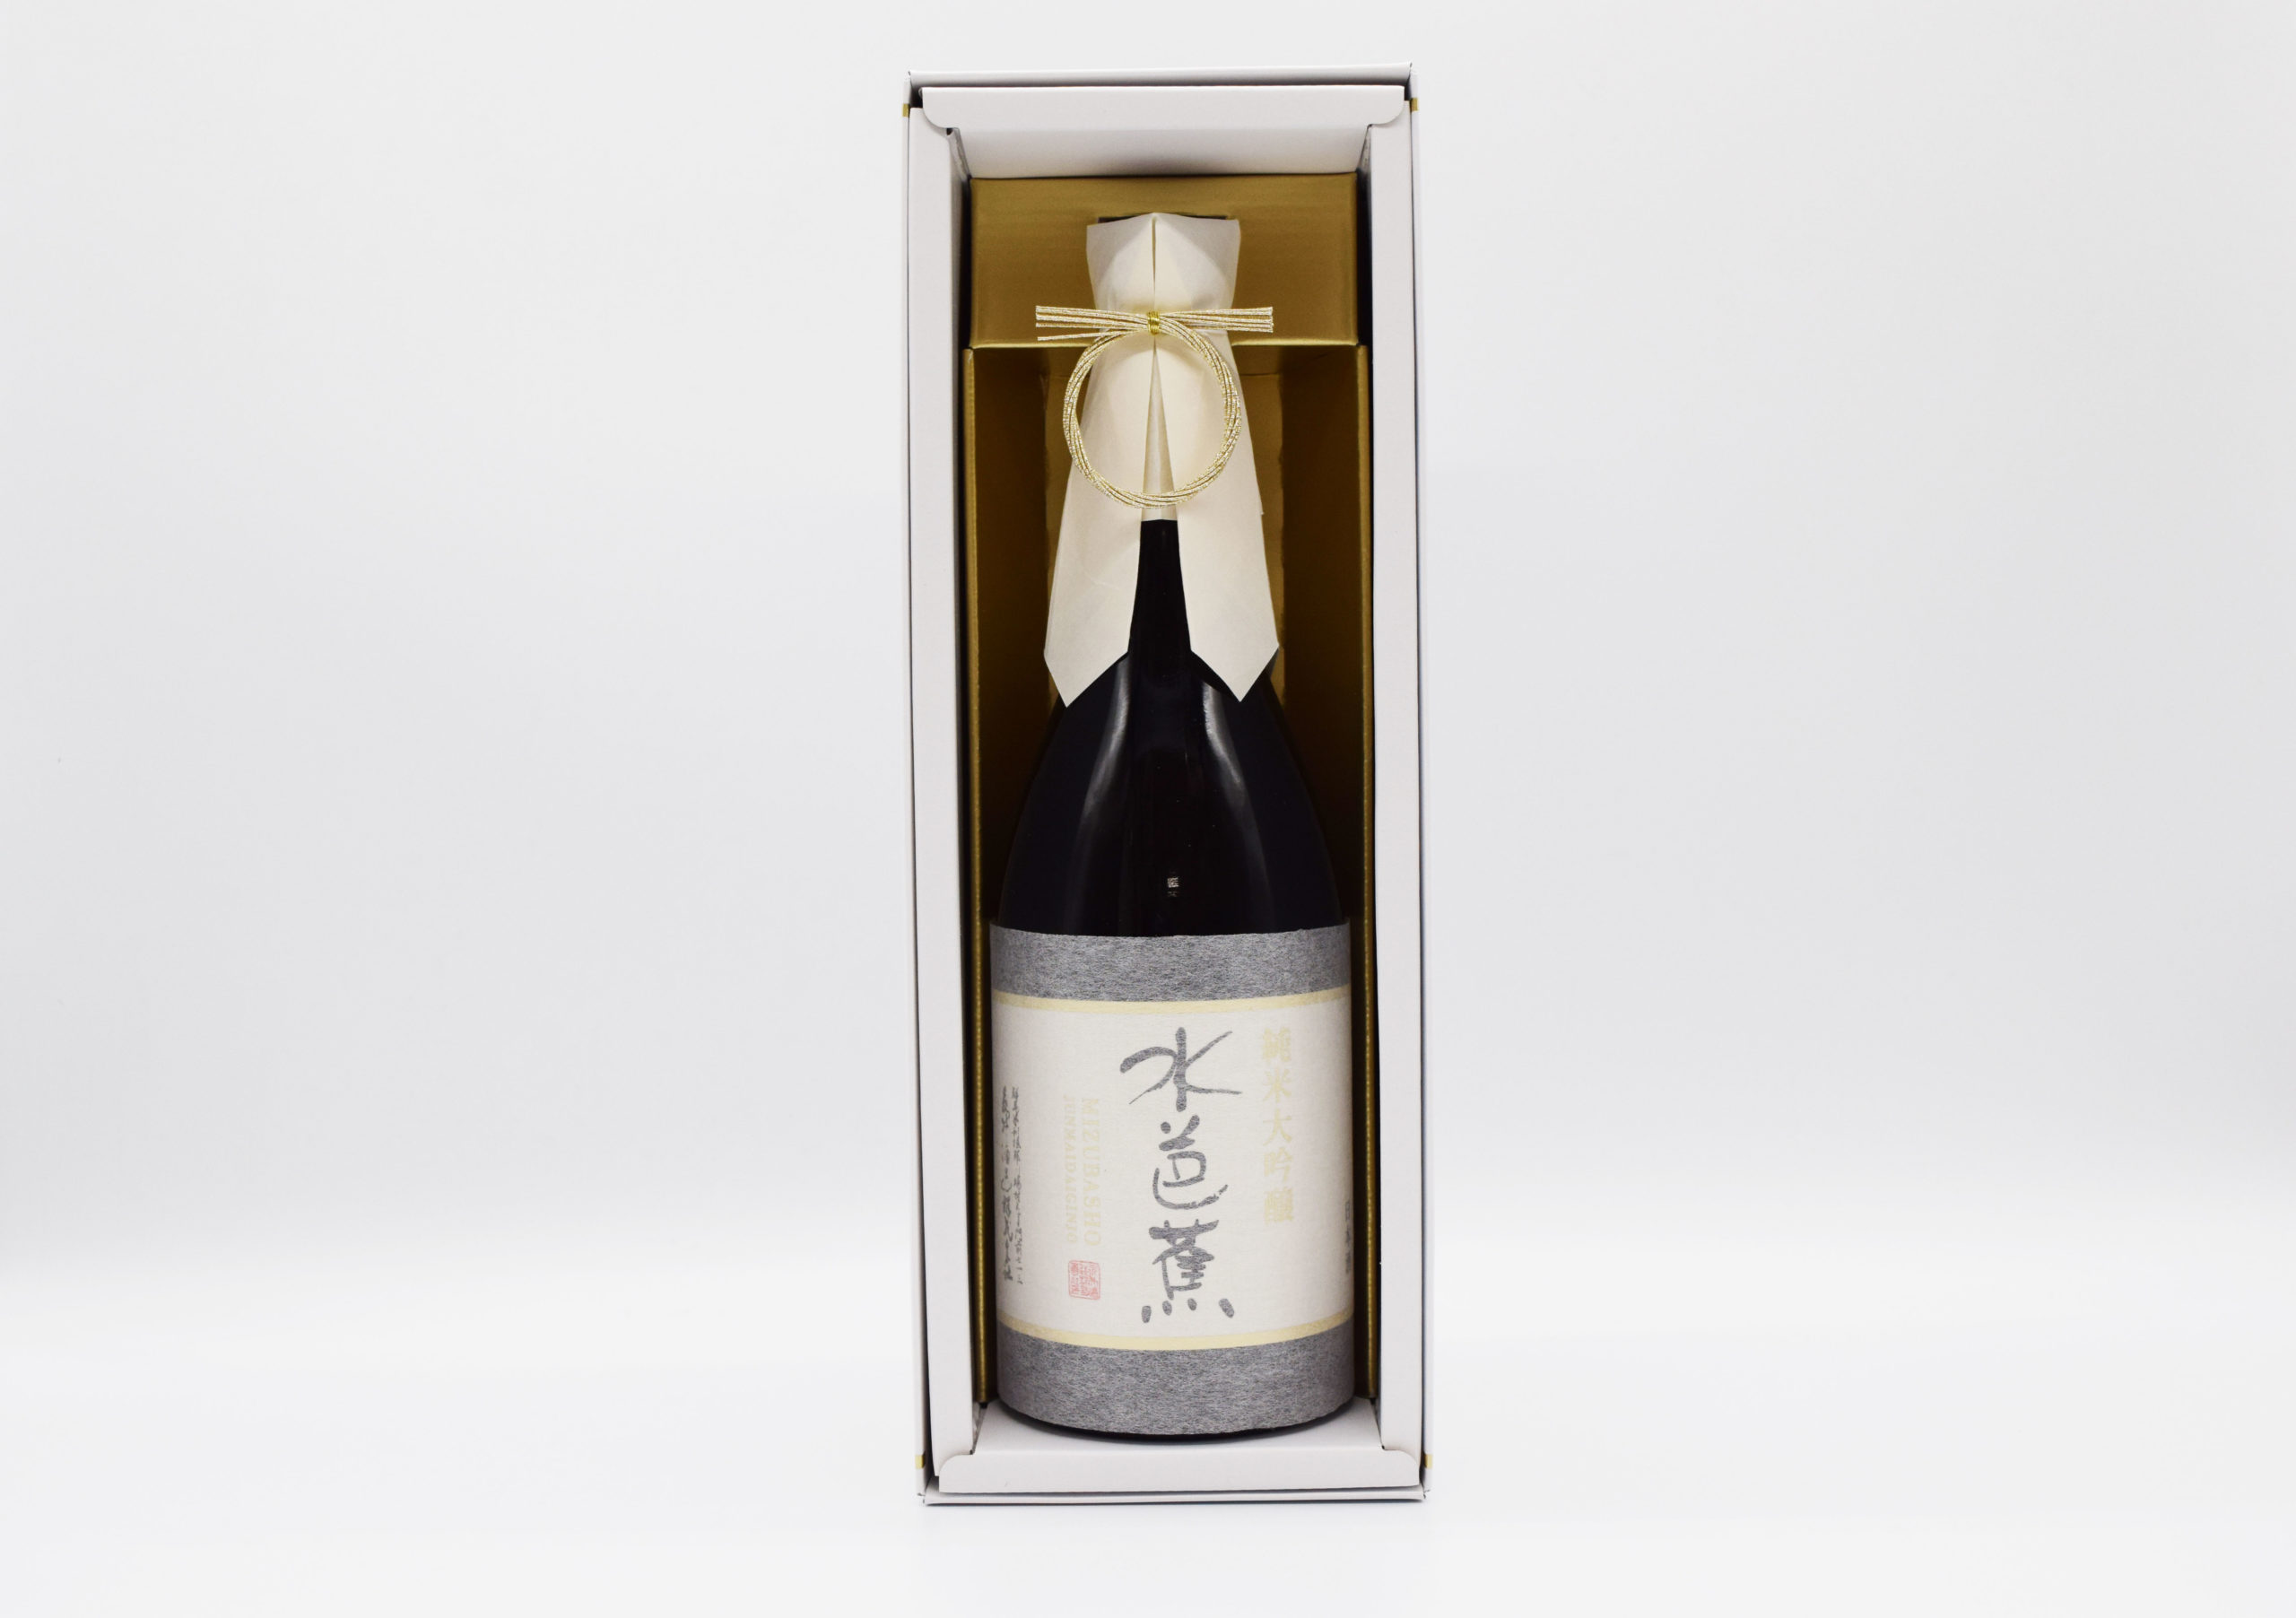 sake-mb-0005